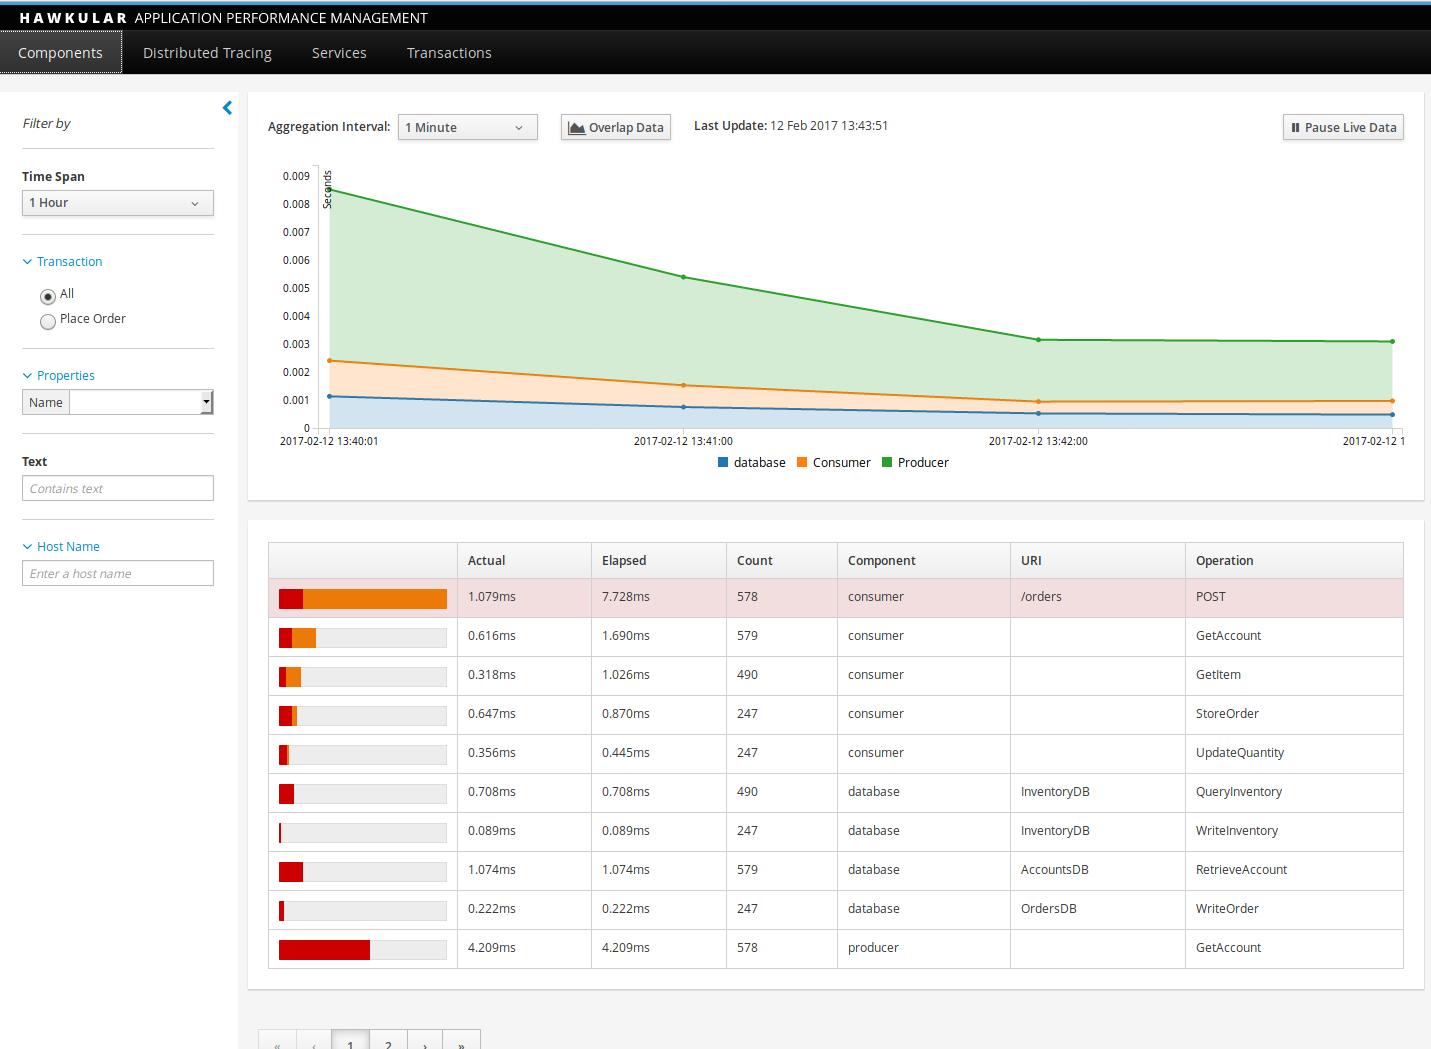 Hawkular APM Dashboard with Data